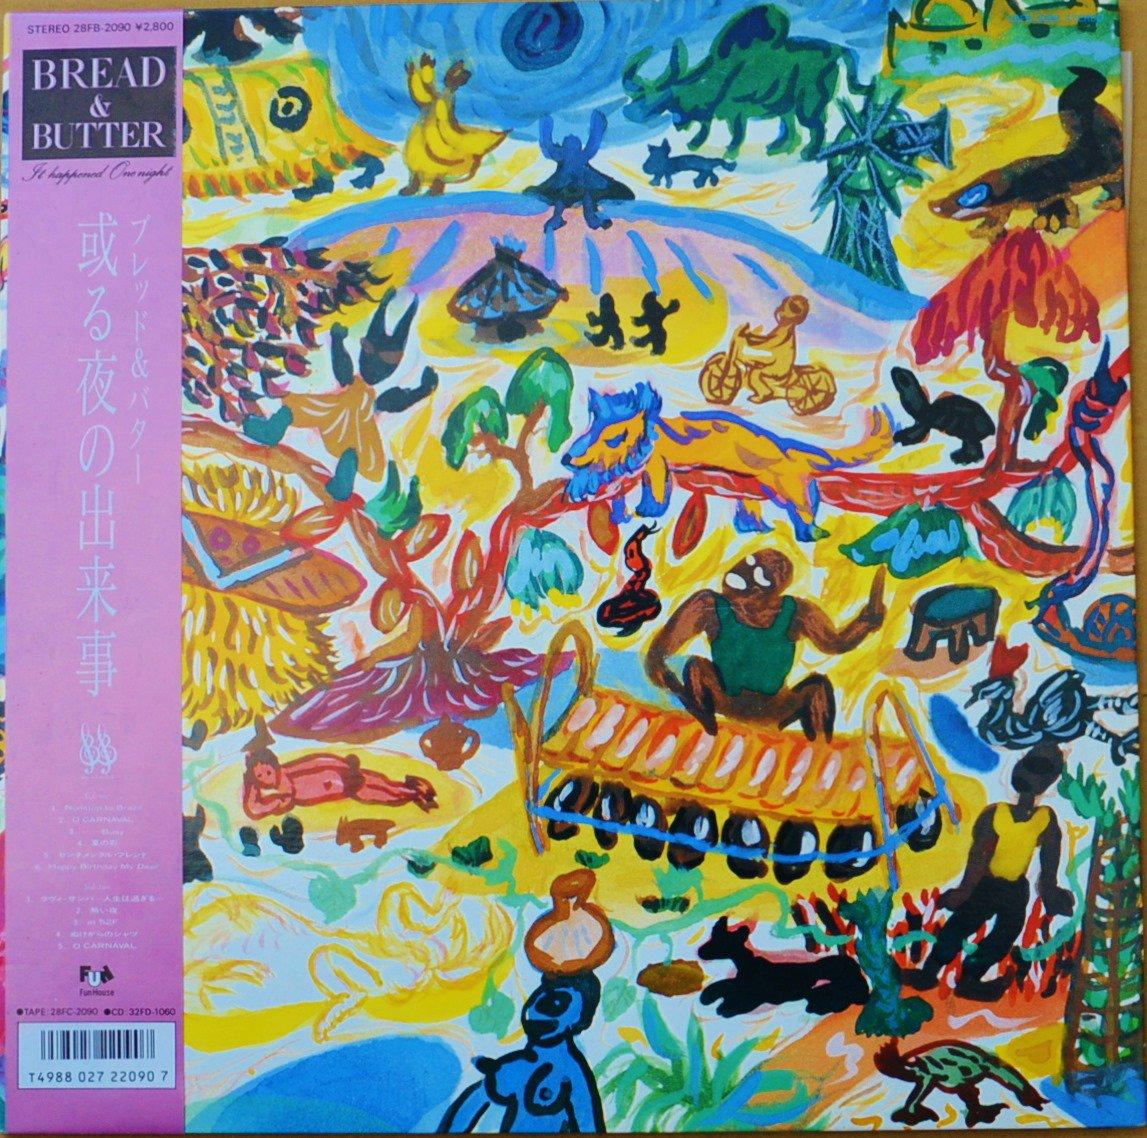 ブレッド アンド バター BREAD & BUTTER / 或る夜の出来事 (LP)